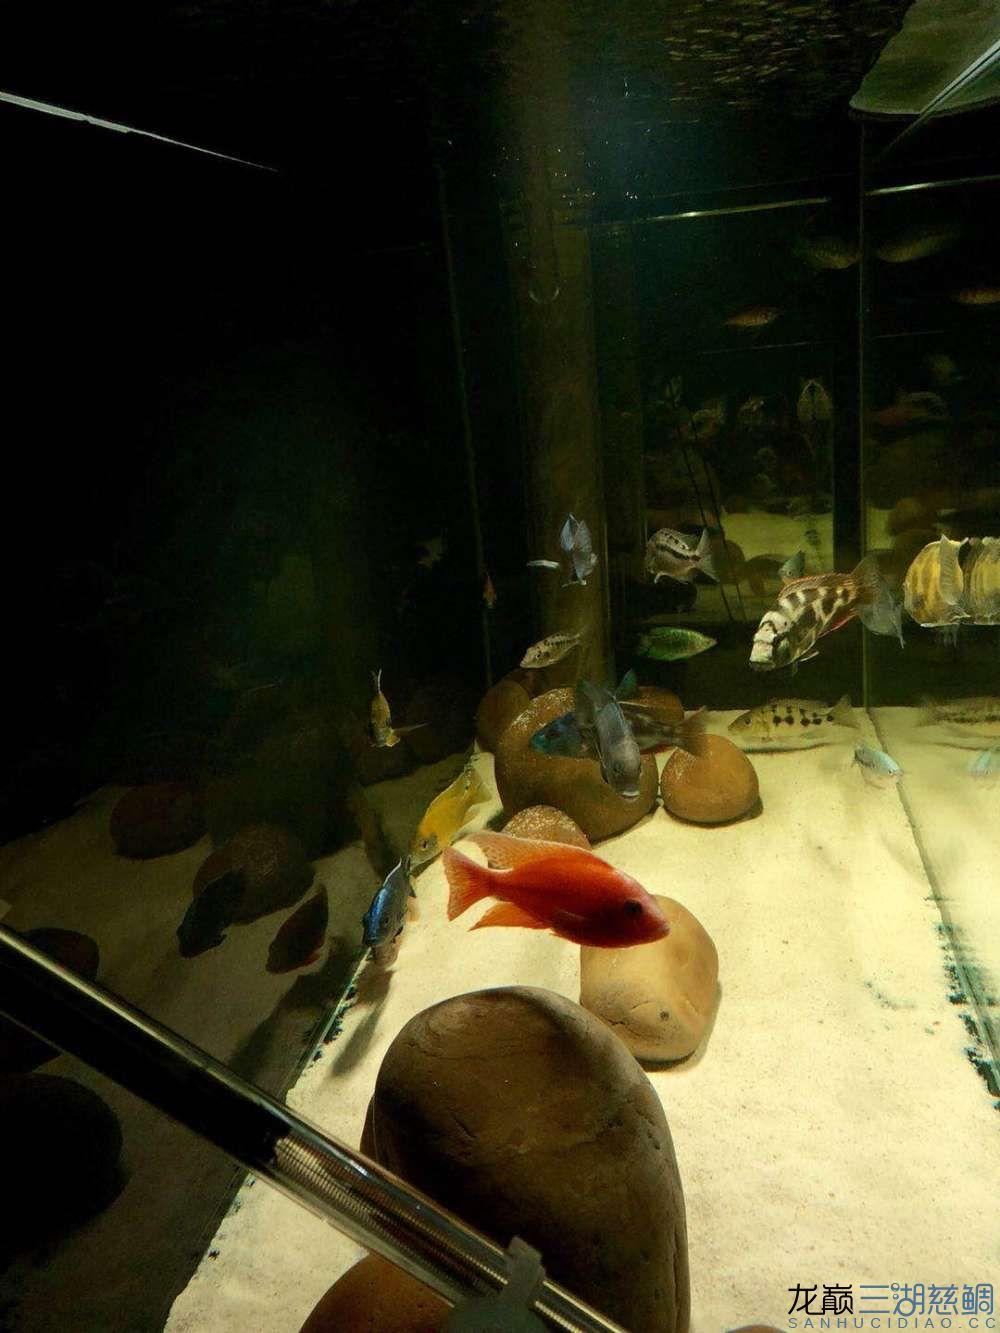 一次全缸下药治疗外寄的过程及结果分享 西安龙鱼论坛 西安博特第2张